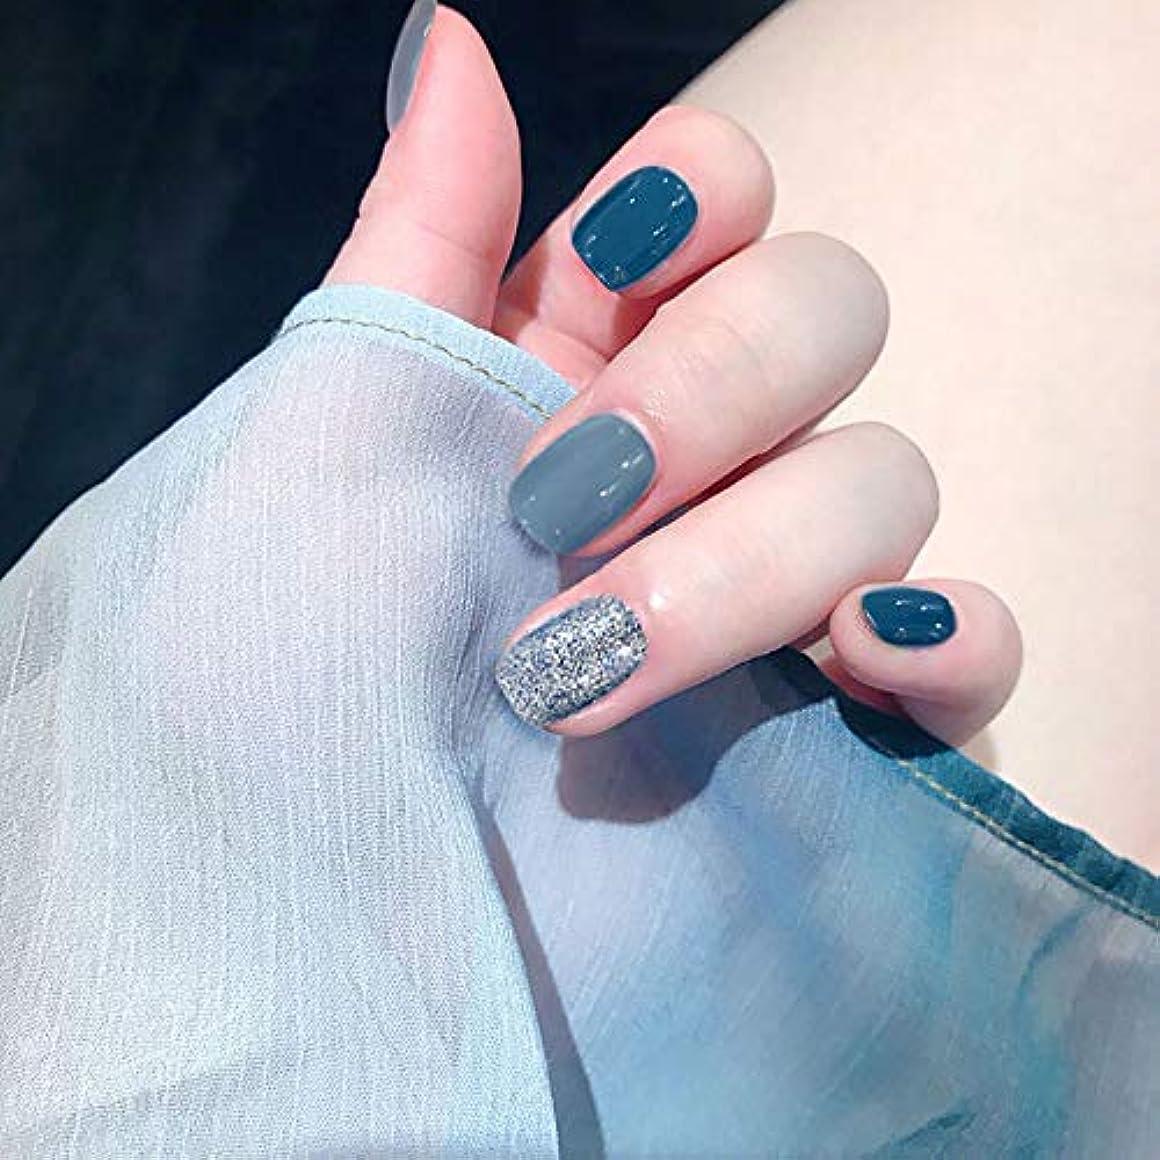 堂々たる増幅トリプルXUTXZKA ショートサイズフルカバーネイルのヒント女性ファッション偽ネイルブルーカラーネイルネイル